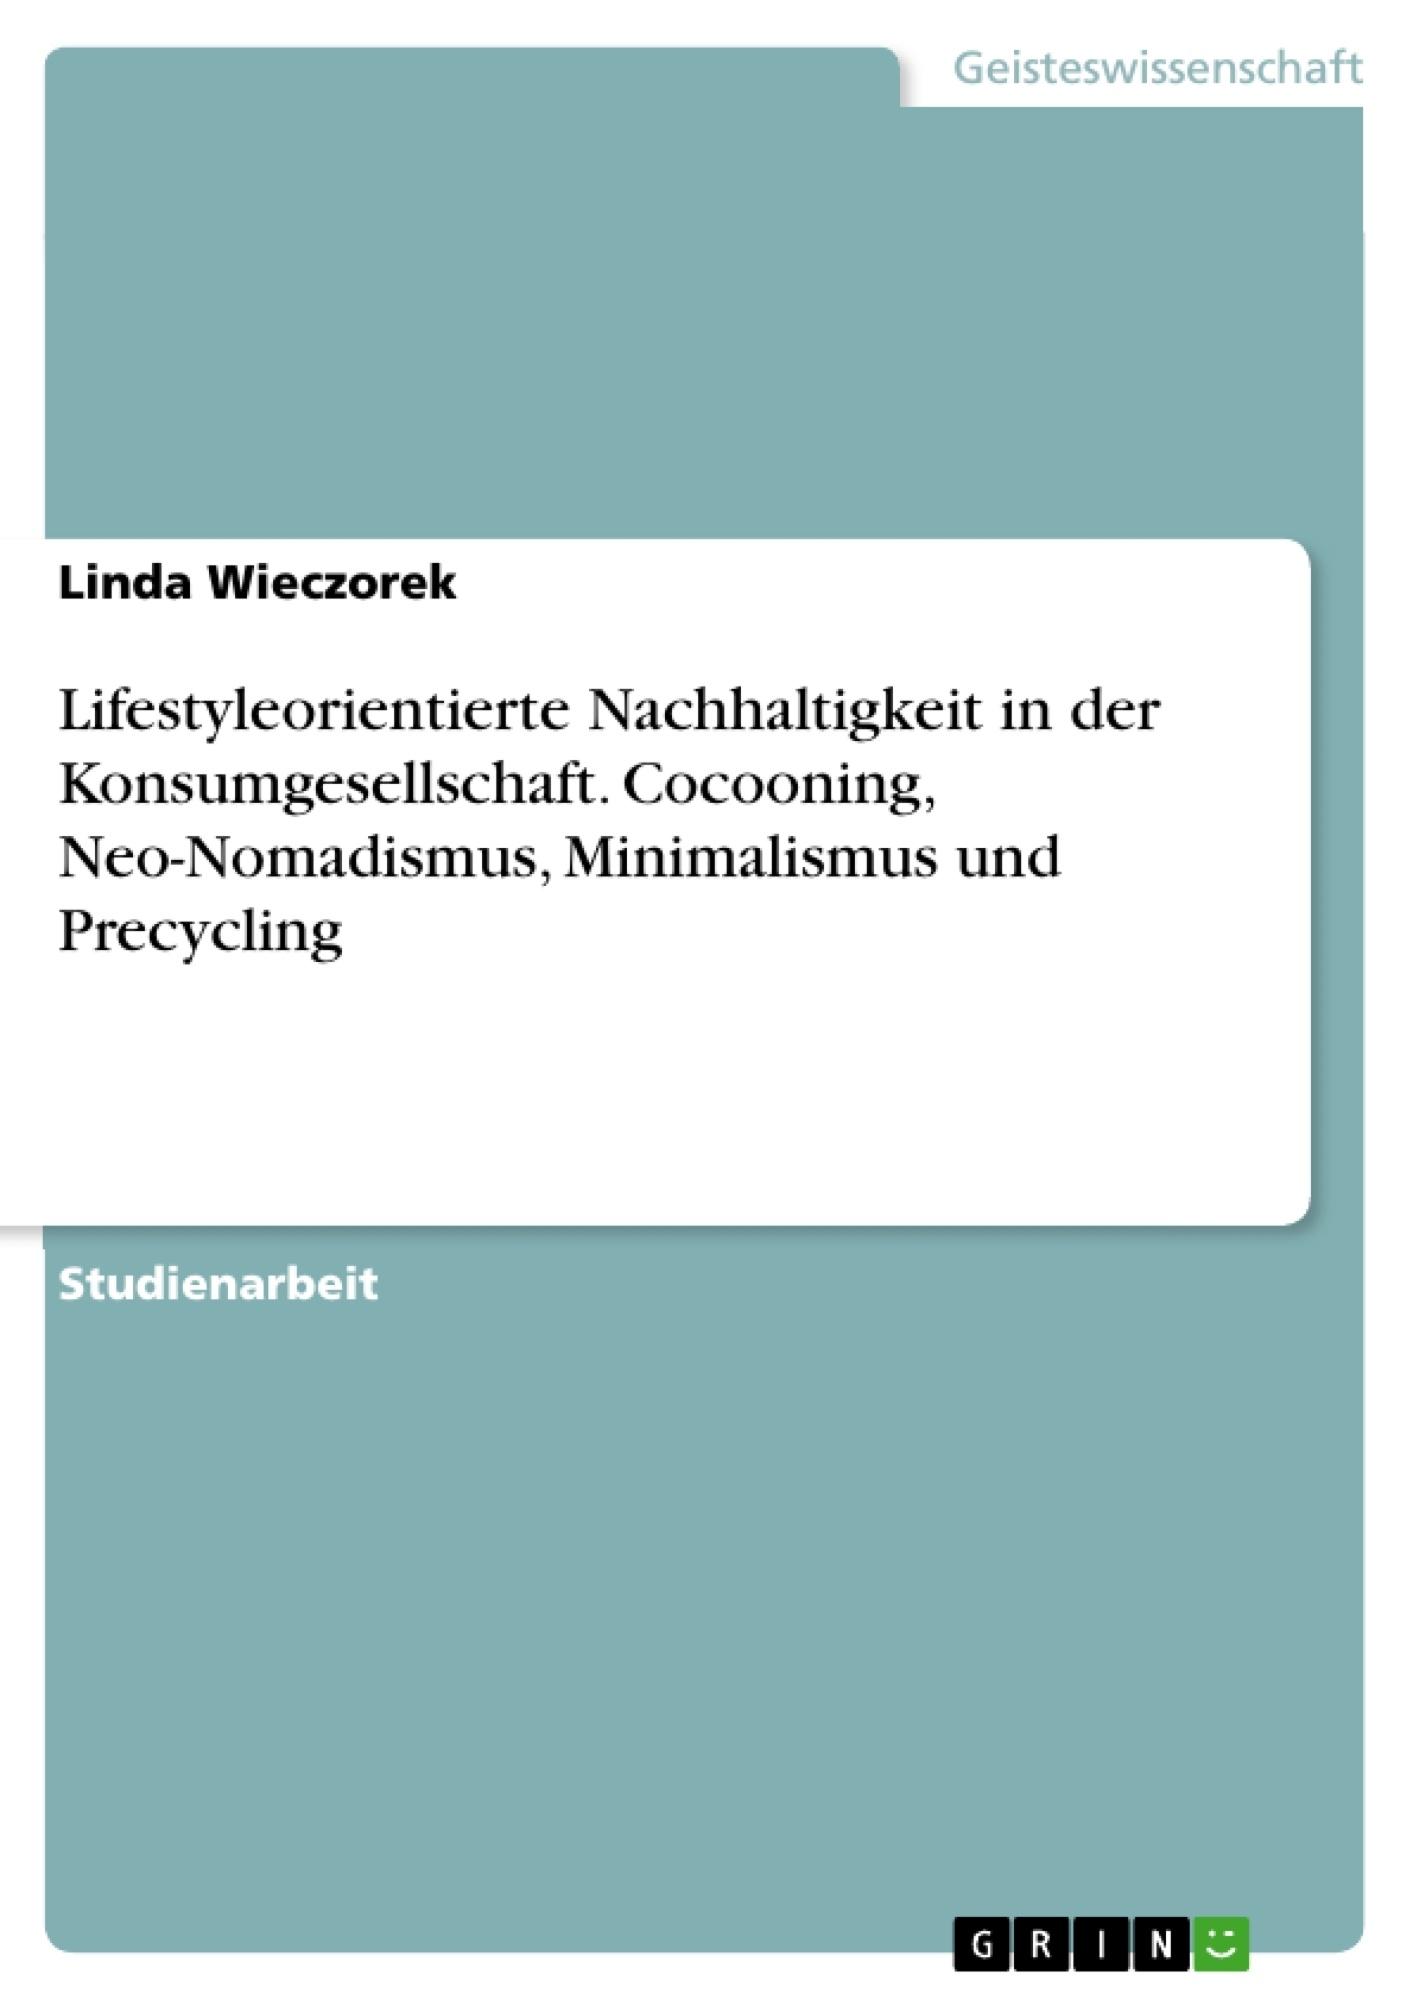 Titel: Lifestyleorientierte Nachhaltigkeit in der Konsumgesellschaft. Cocooning, Neo-Nomadismus, Minimalismus und Precycling